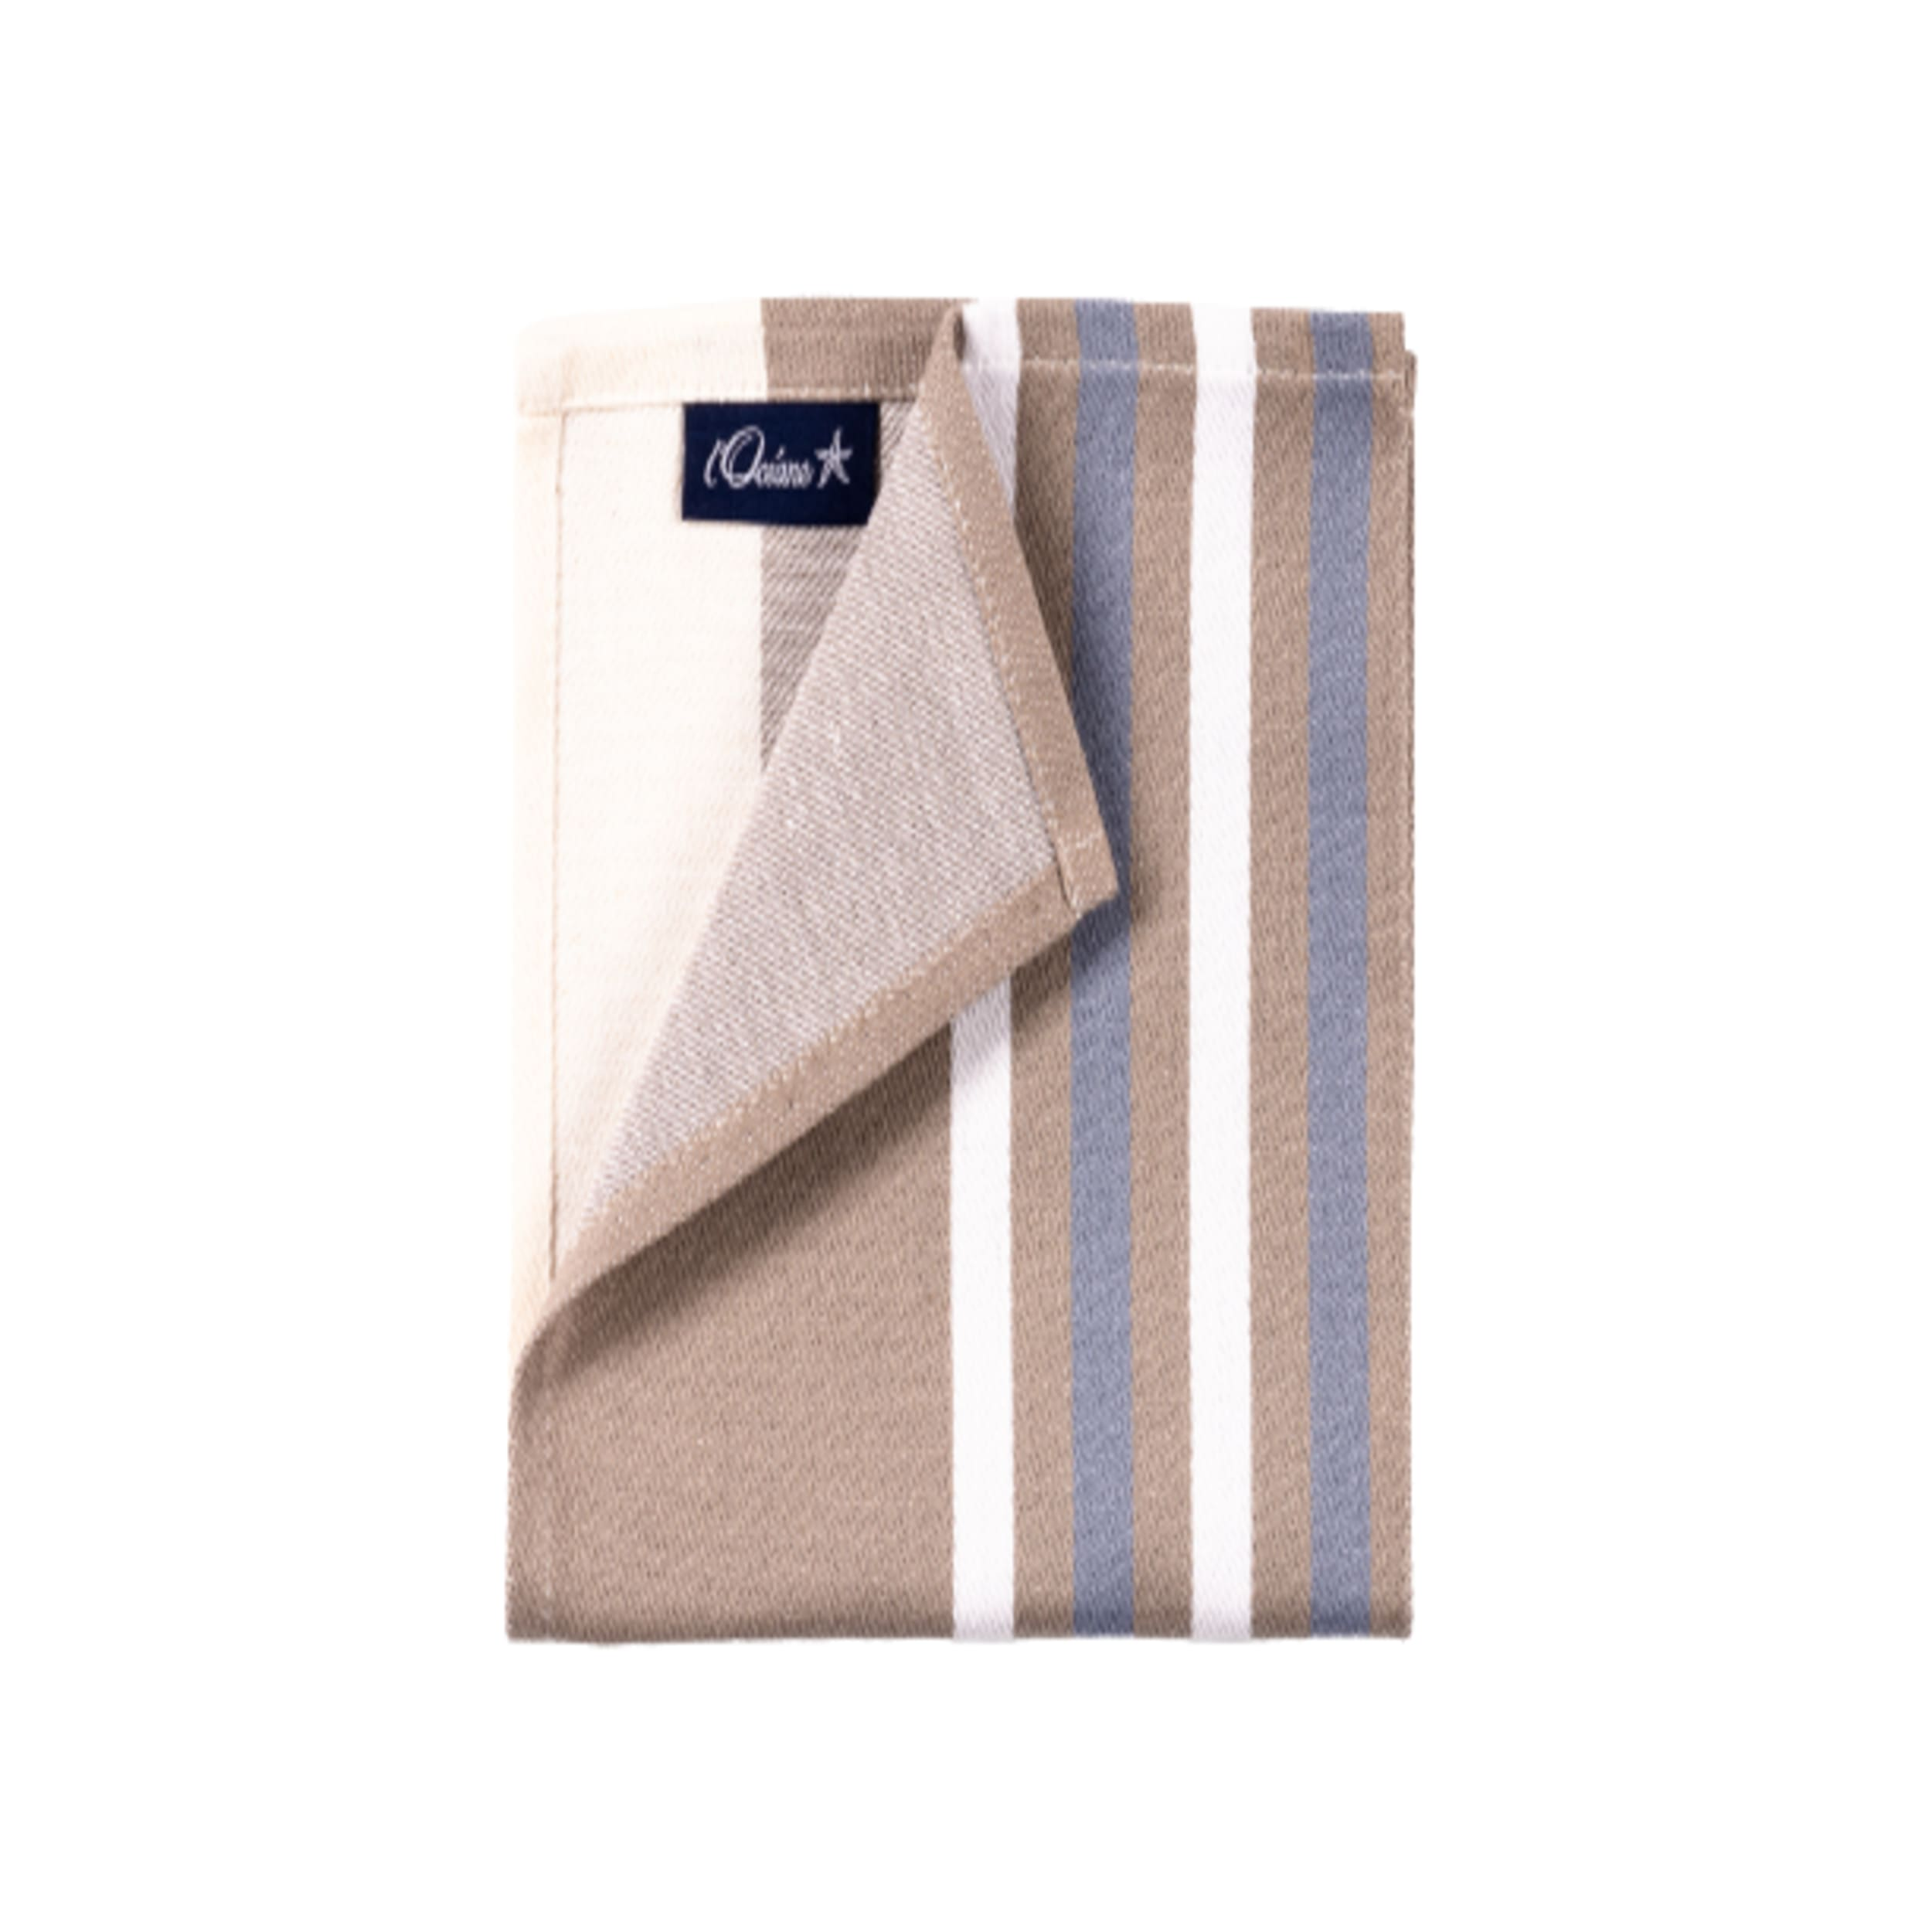 1 lot de 6 serviettes de table 100% coton de satin bleu 36 x 36 cm